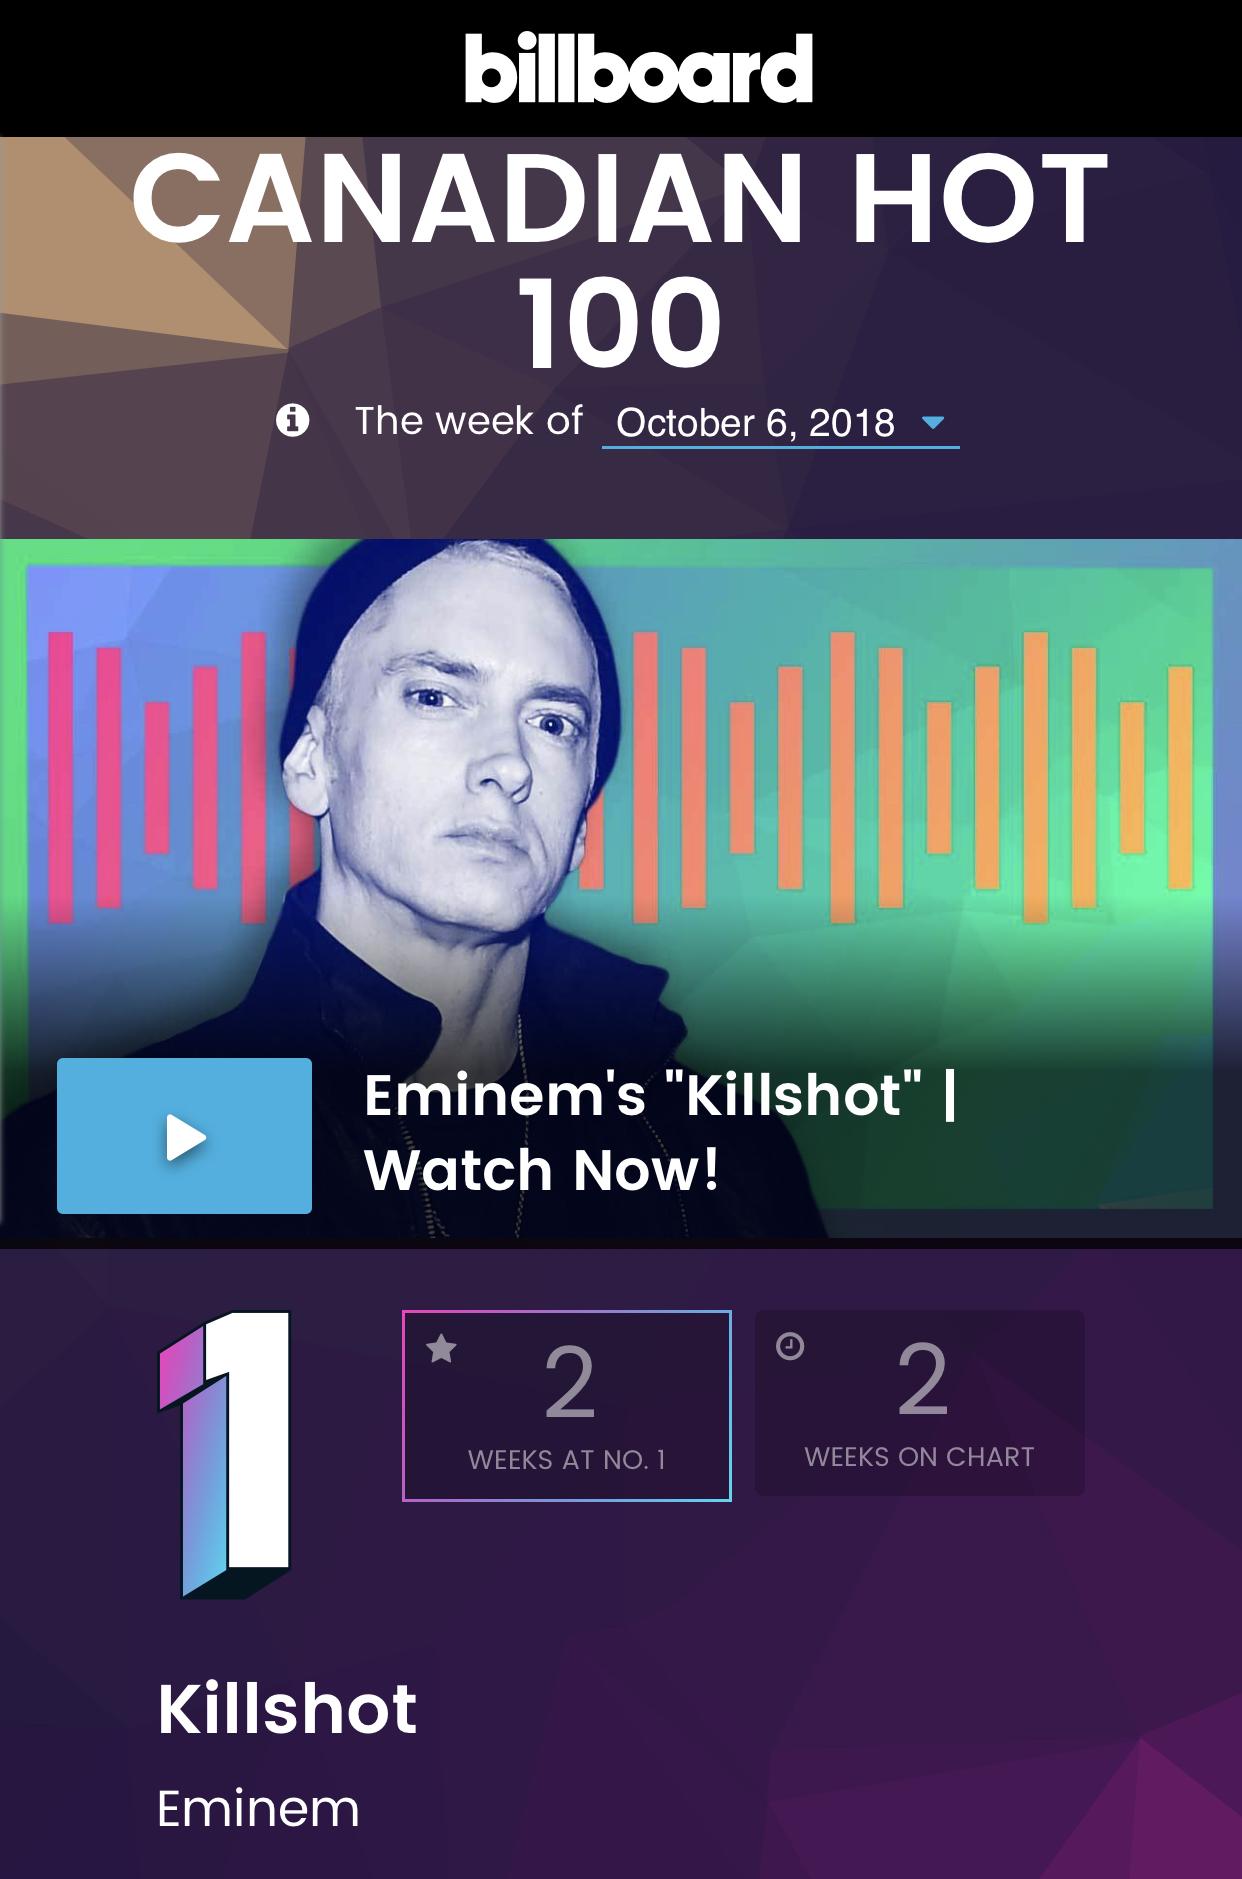 Что касается трека «Killshot», то он уже вторую неделю занимает первую строчку канадского стендового чарта Billboard Canadian Hot 100.